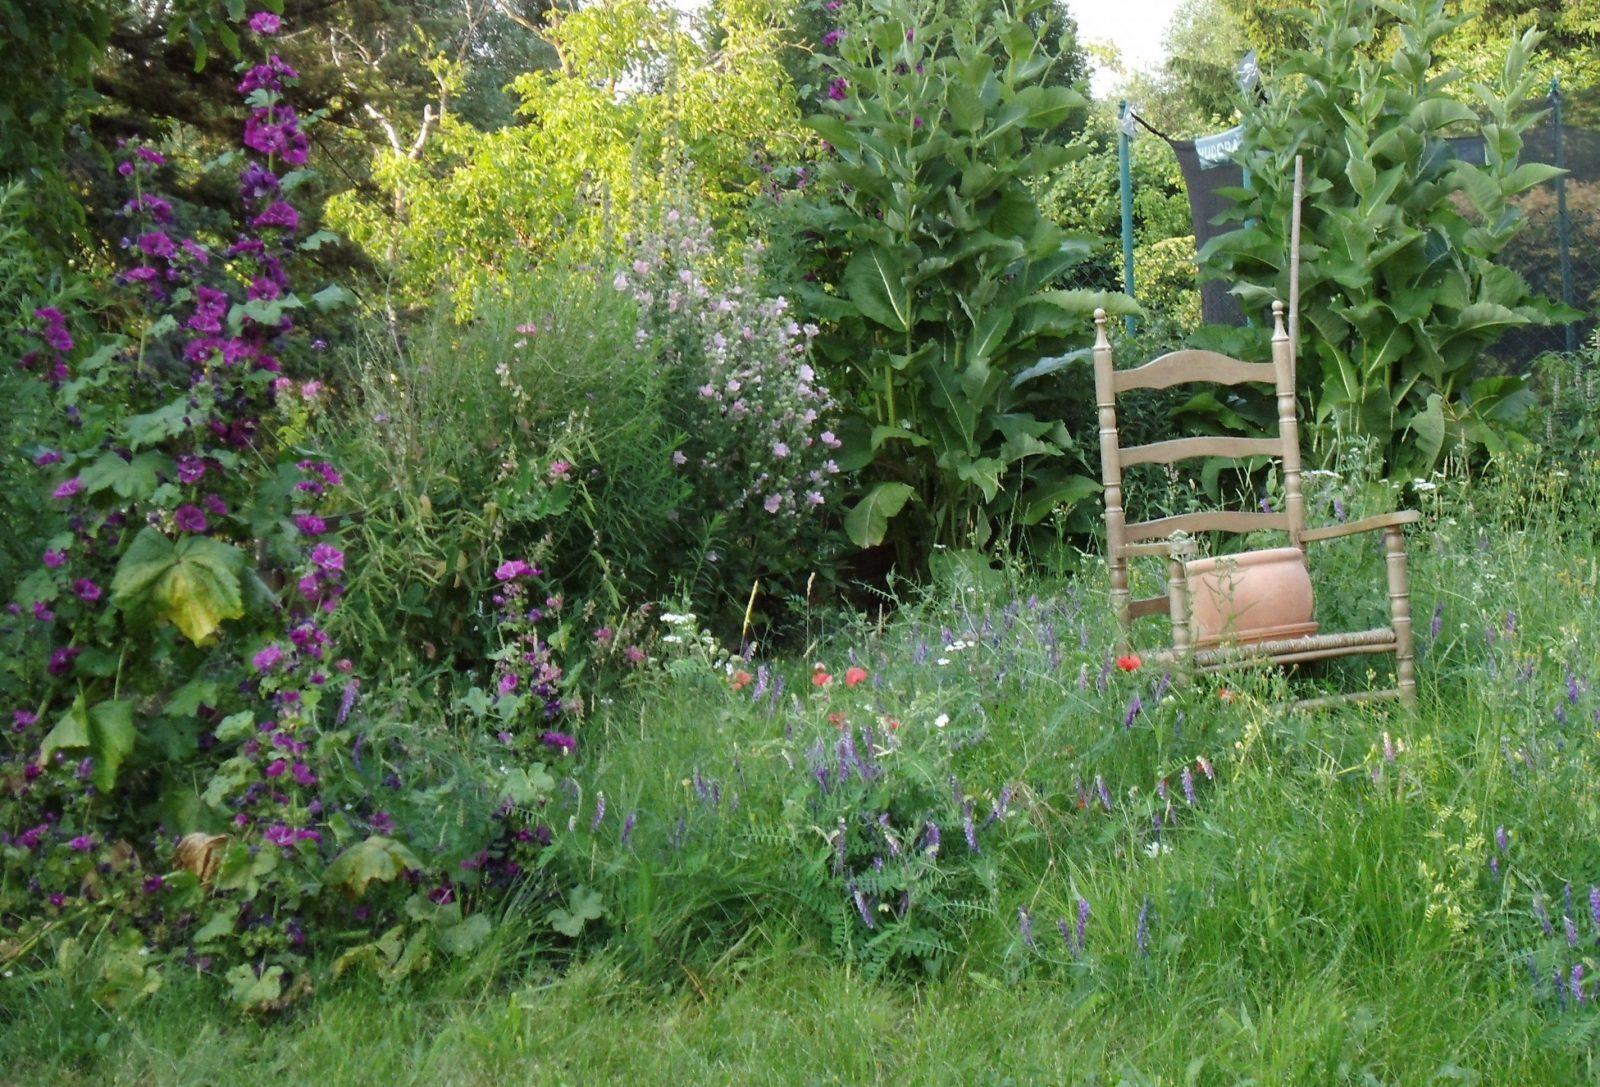 Naturgarten  Garten  Pinterest  Naturgarten Geheime Gärten Und von Naturgarten Anlegen Bepflanzen Gestalten Photo